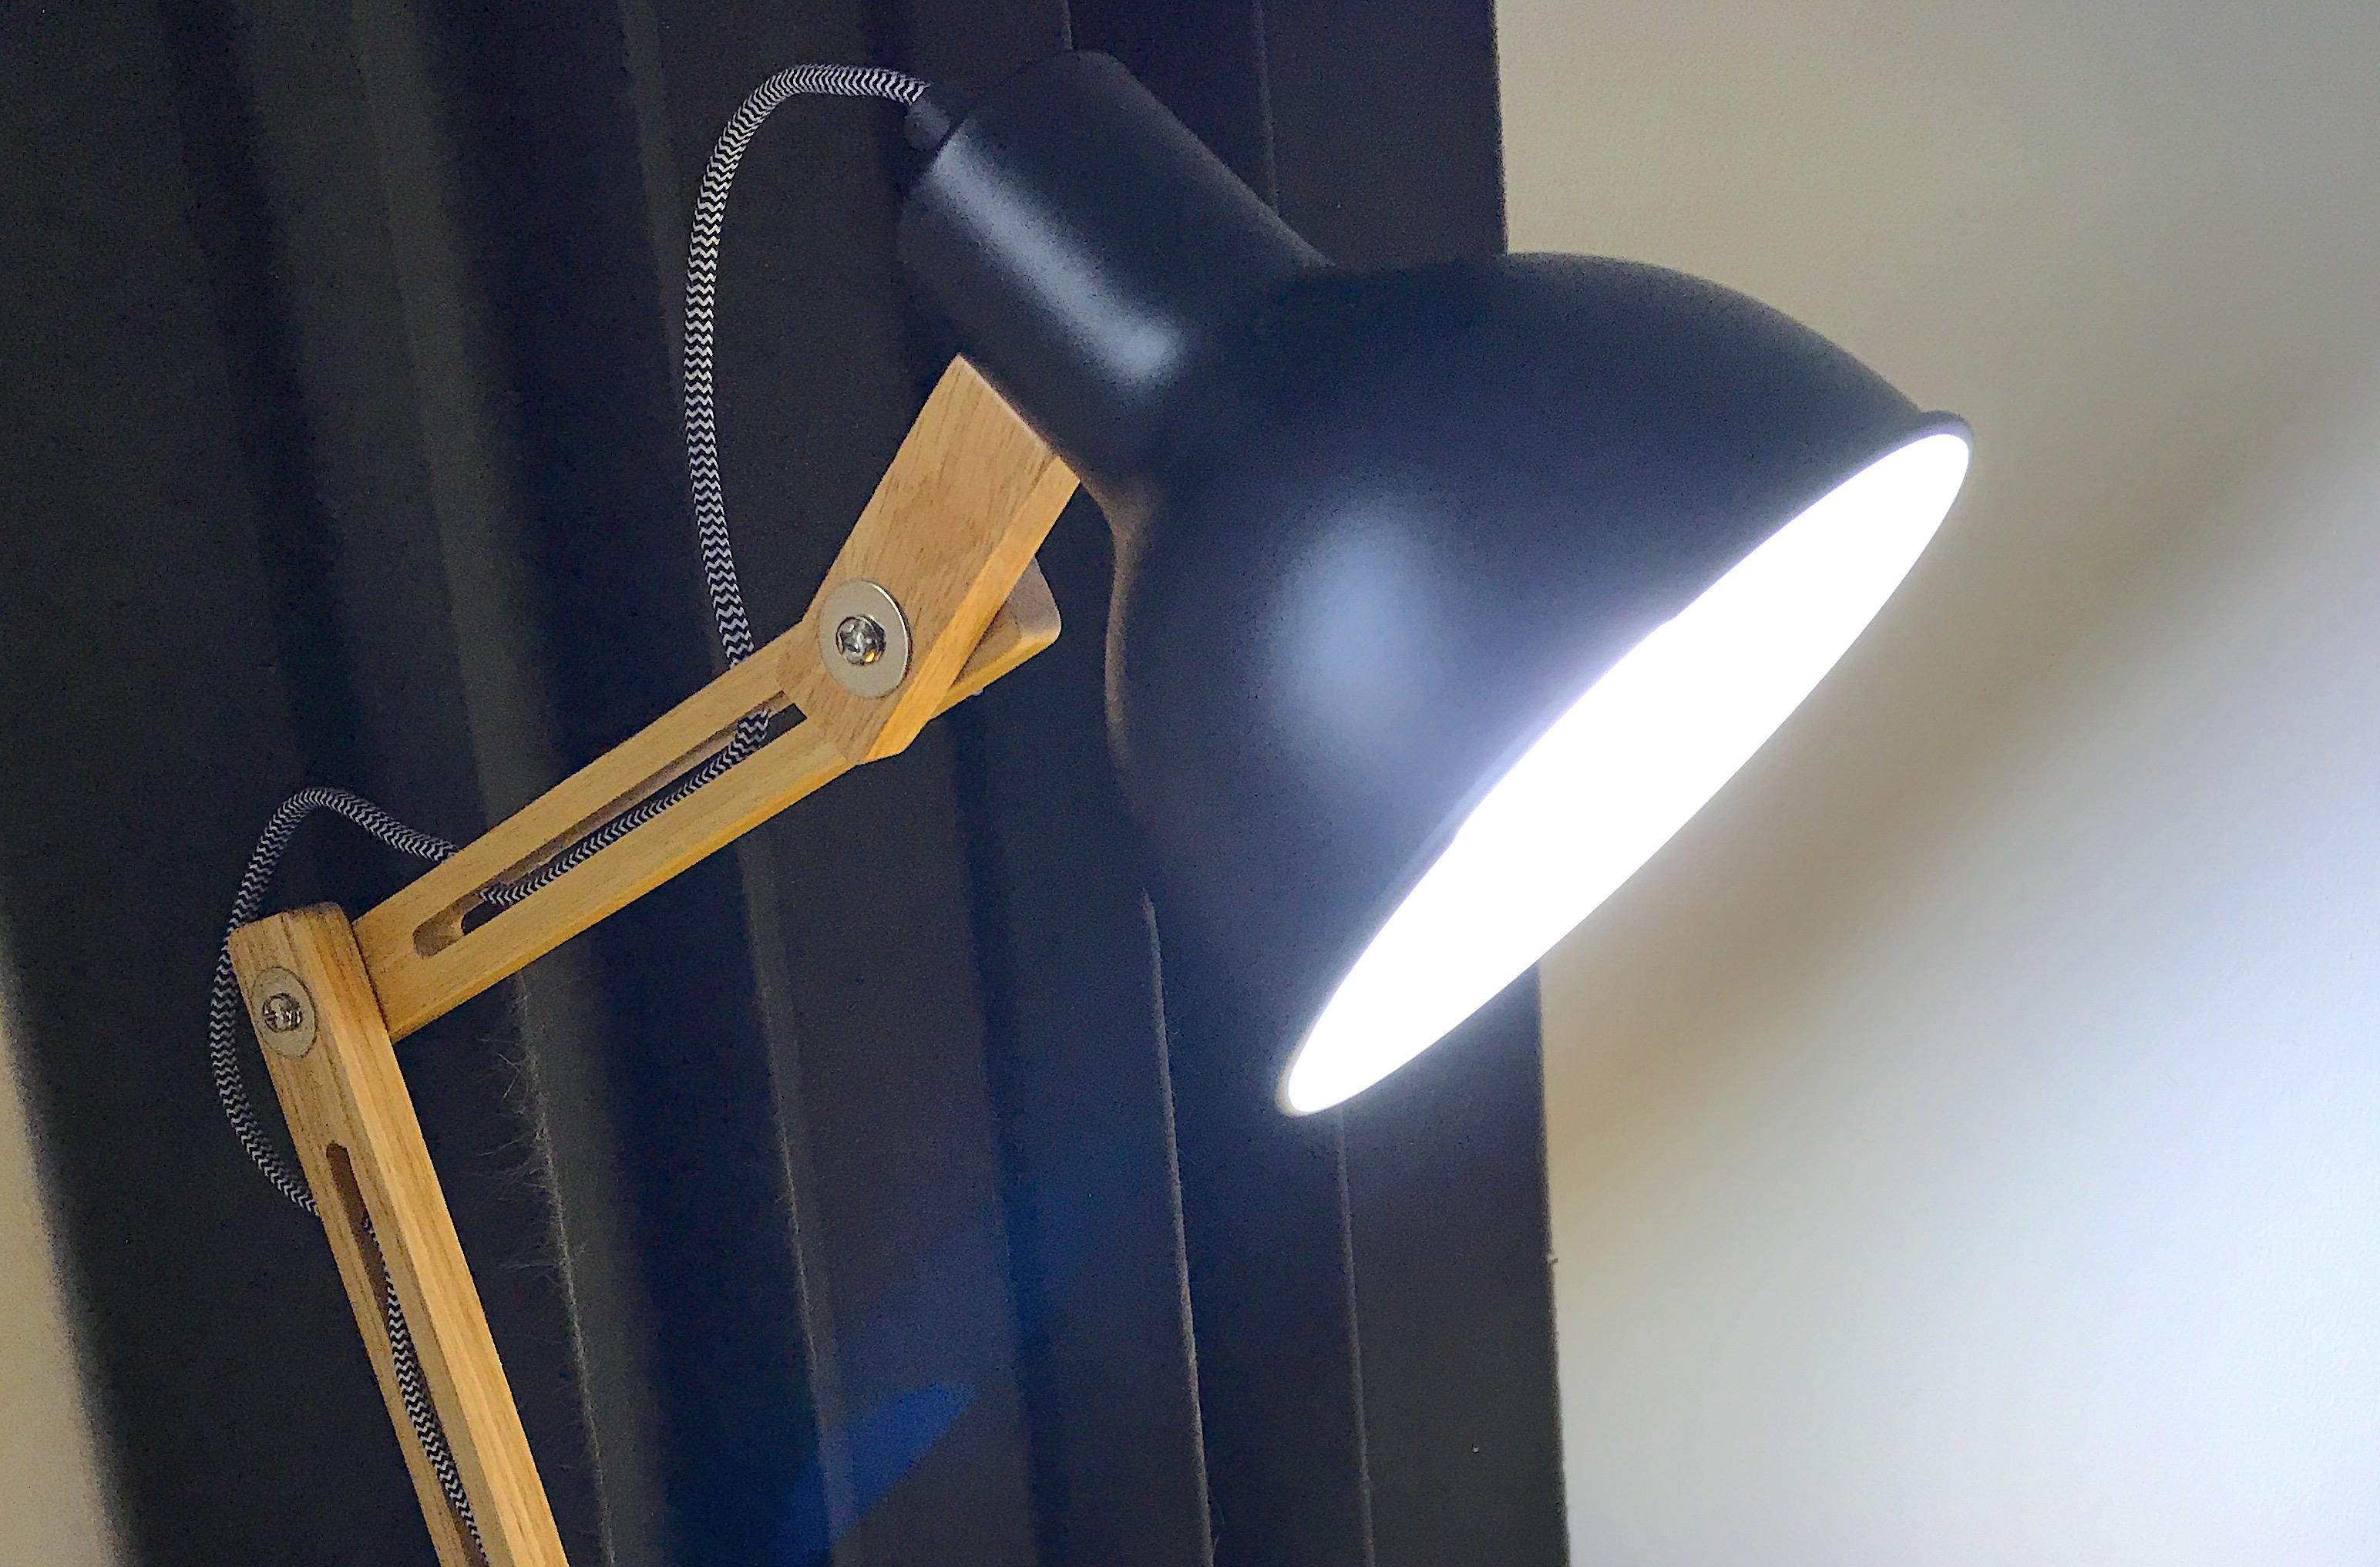 test de l 39 ampoule connect e vocolinc compatible homekit sans hub et enceintes intelligentes. Black Bedroom Furniture Sets. Home Design Ideas